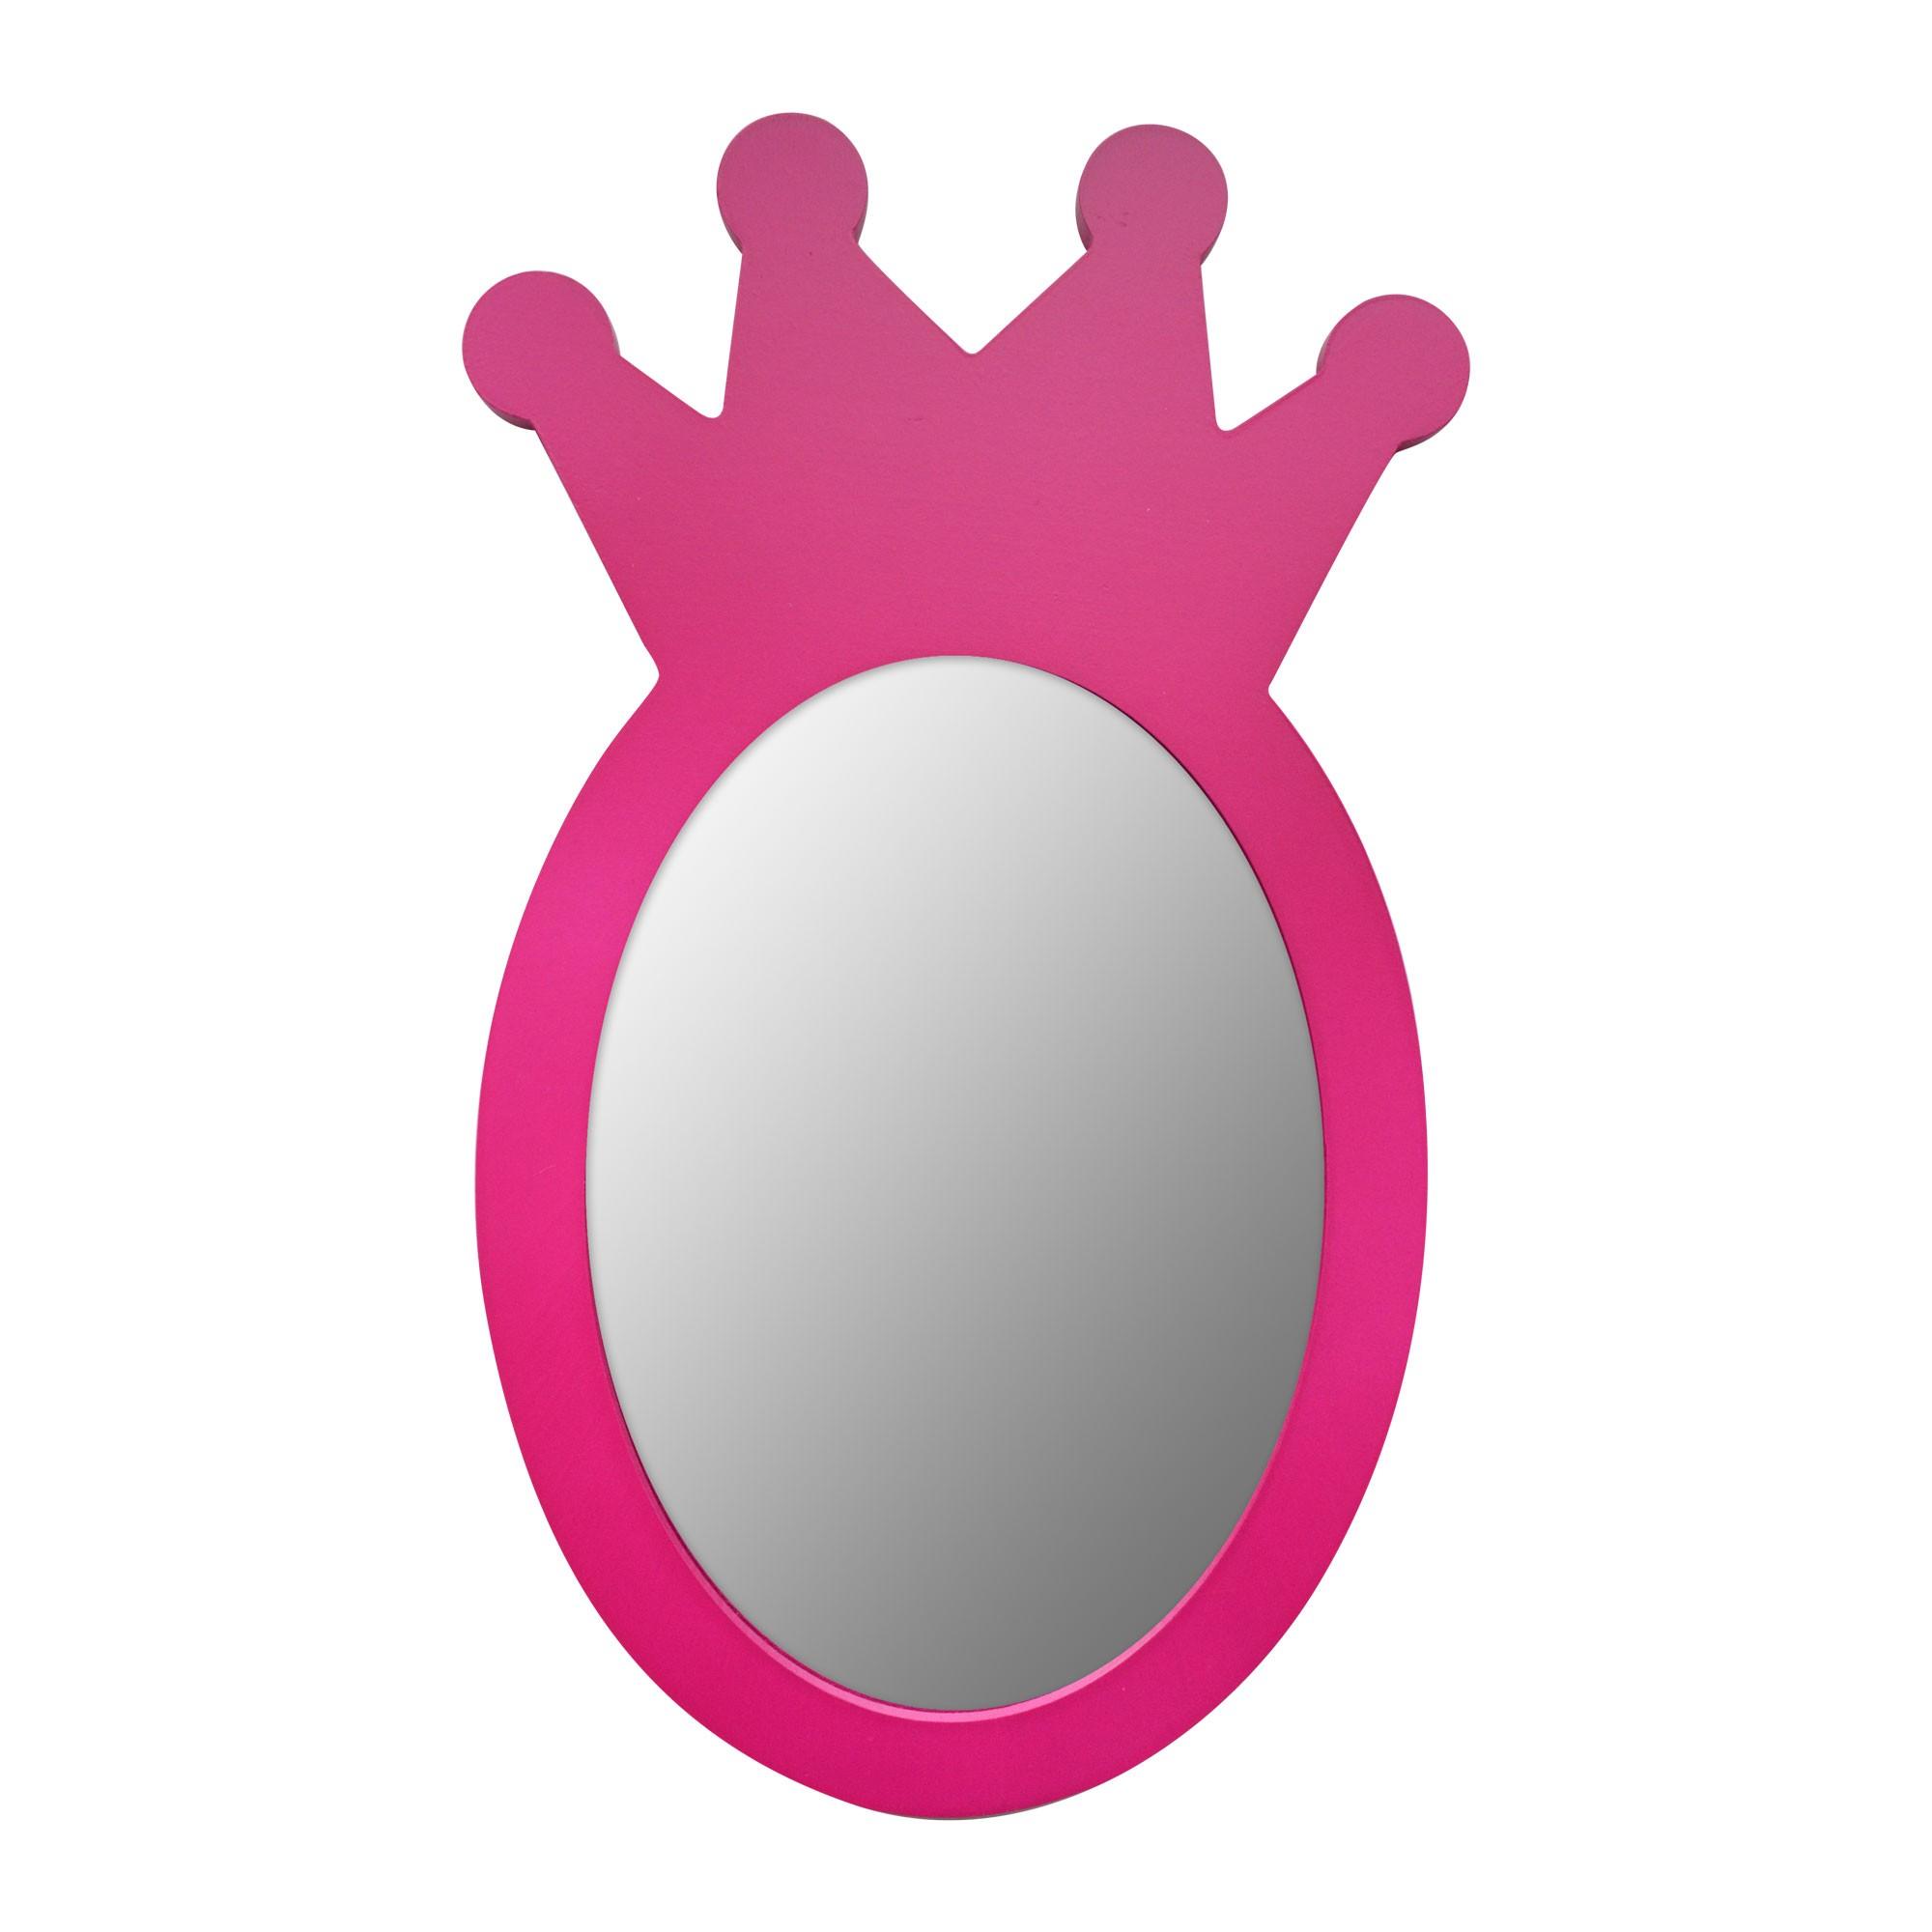 miroir mdf couronne rose 30x18cm